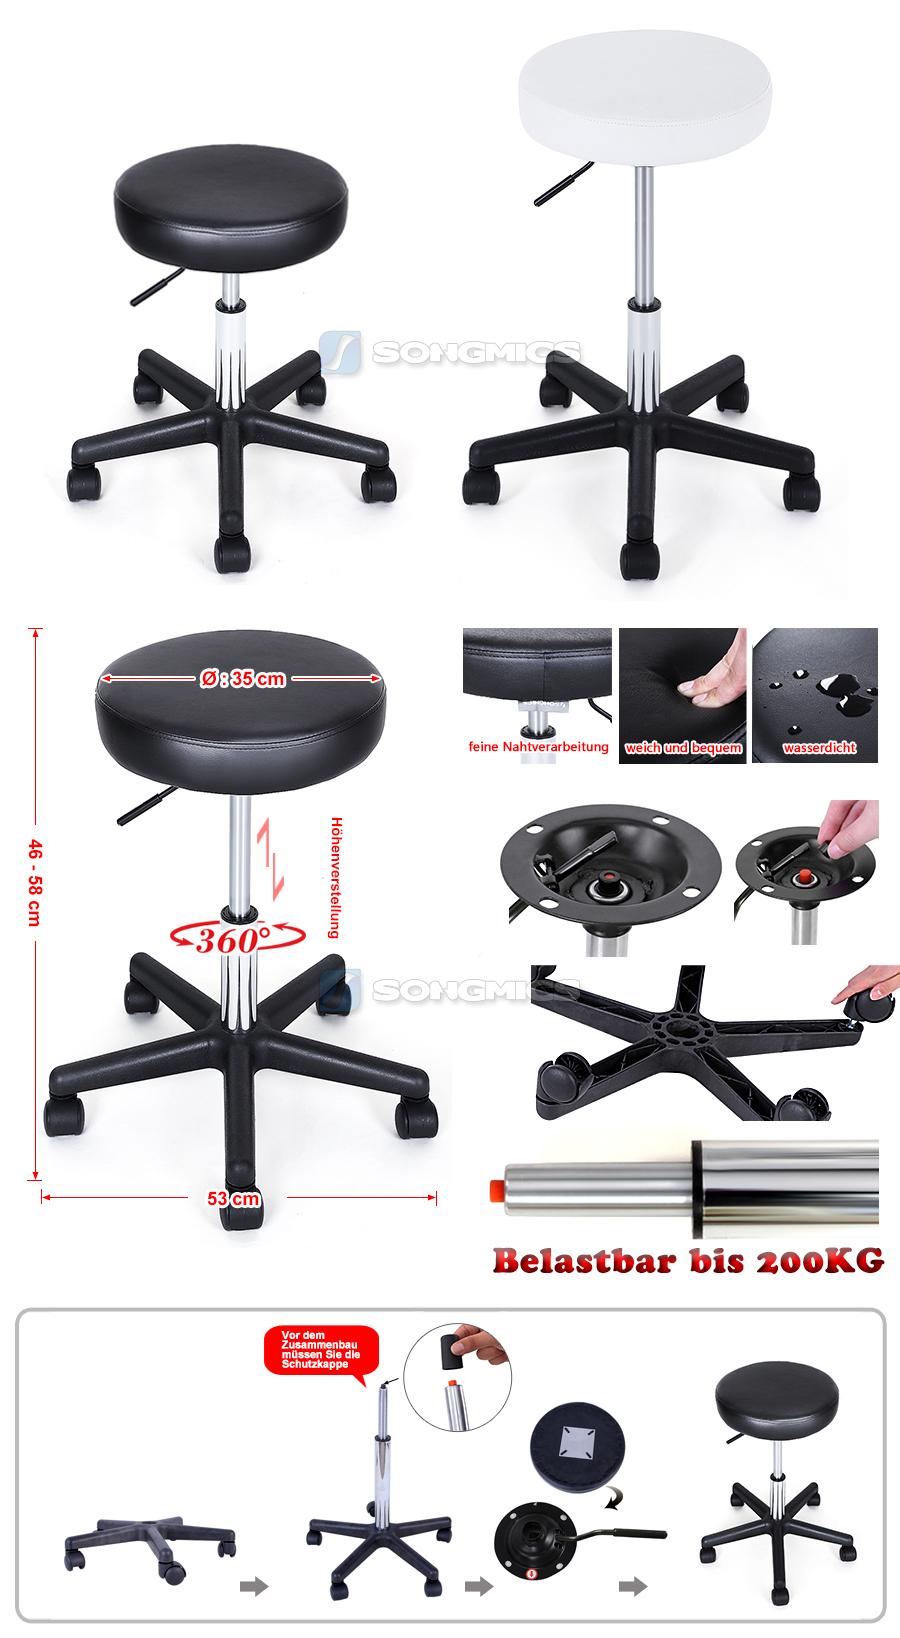 hochwertige k chenhocker neuesten design. Black Bedroom Furniture Sets. Home Design Ideas